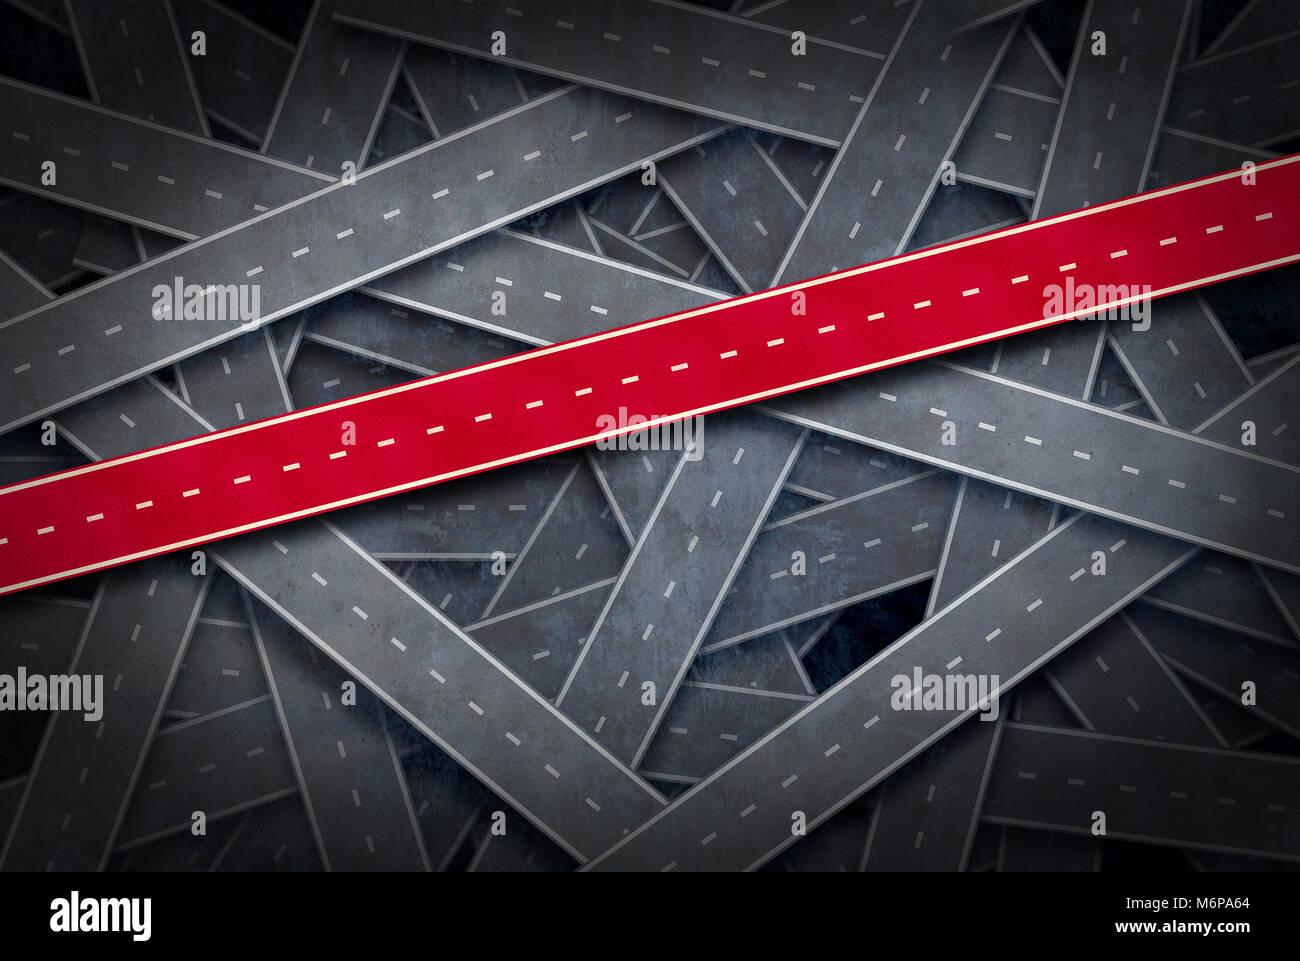 Percorso al concetto di successo e seguire il percorso giusto idea come un gruppo di strade e un percorso rosso Immagini Stock